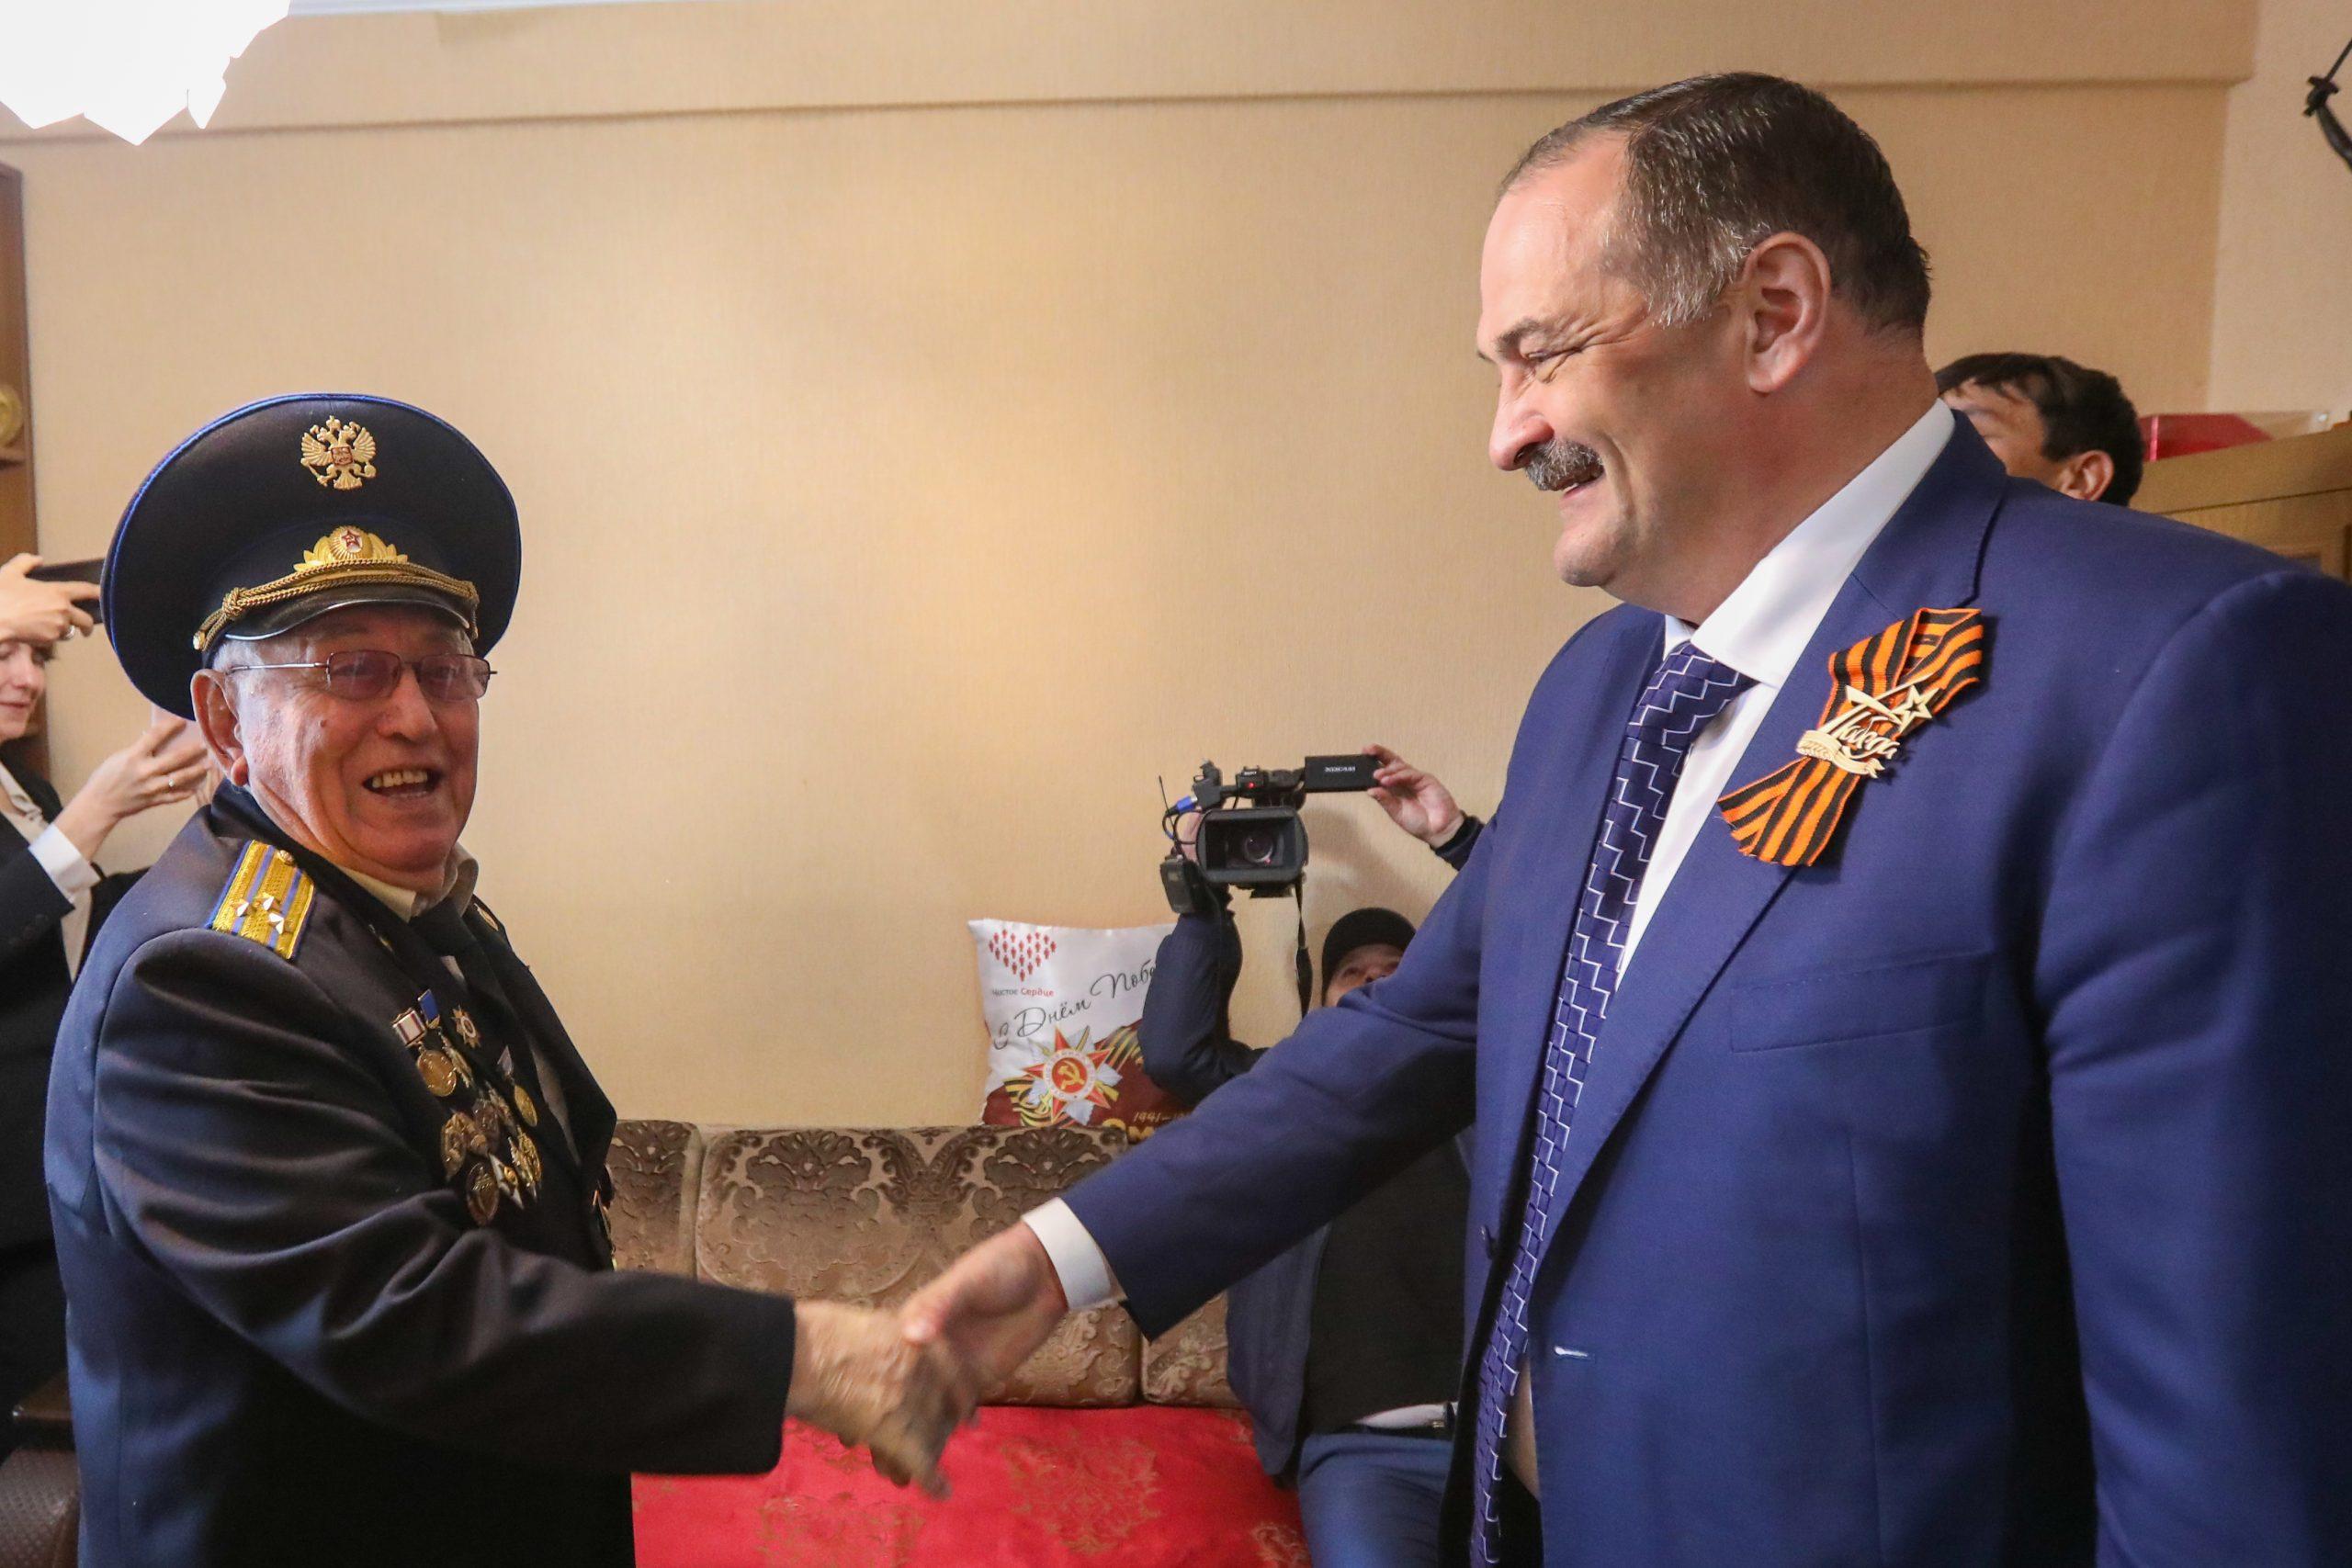 Сергей Меликов поздравил ветерана Великой Отечественной войны Магомета Шах-Гусейнова